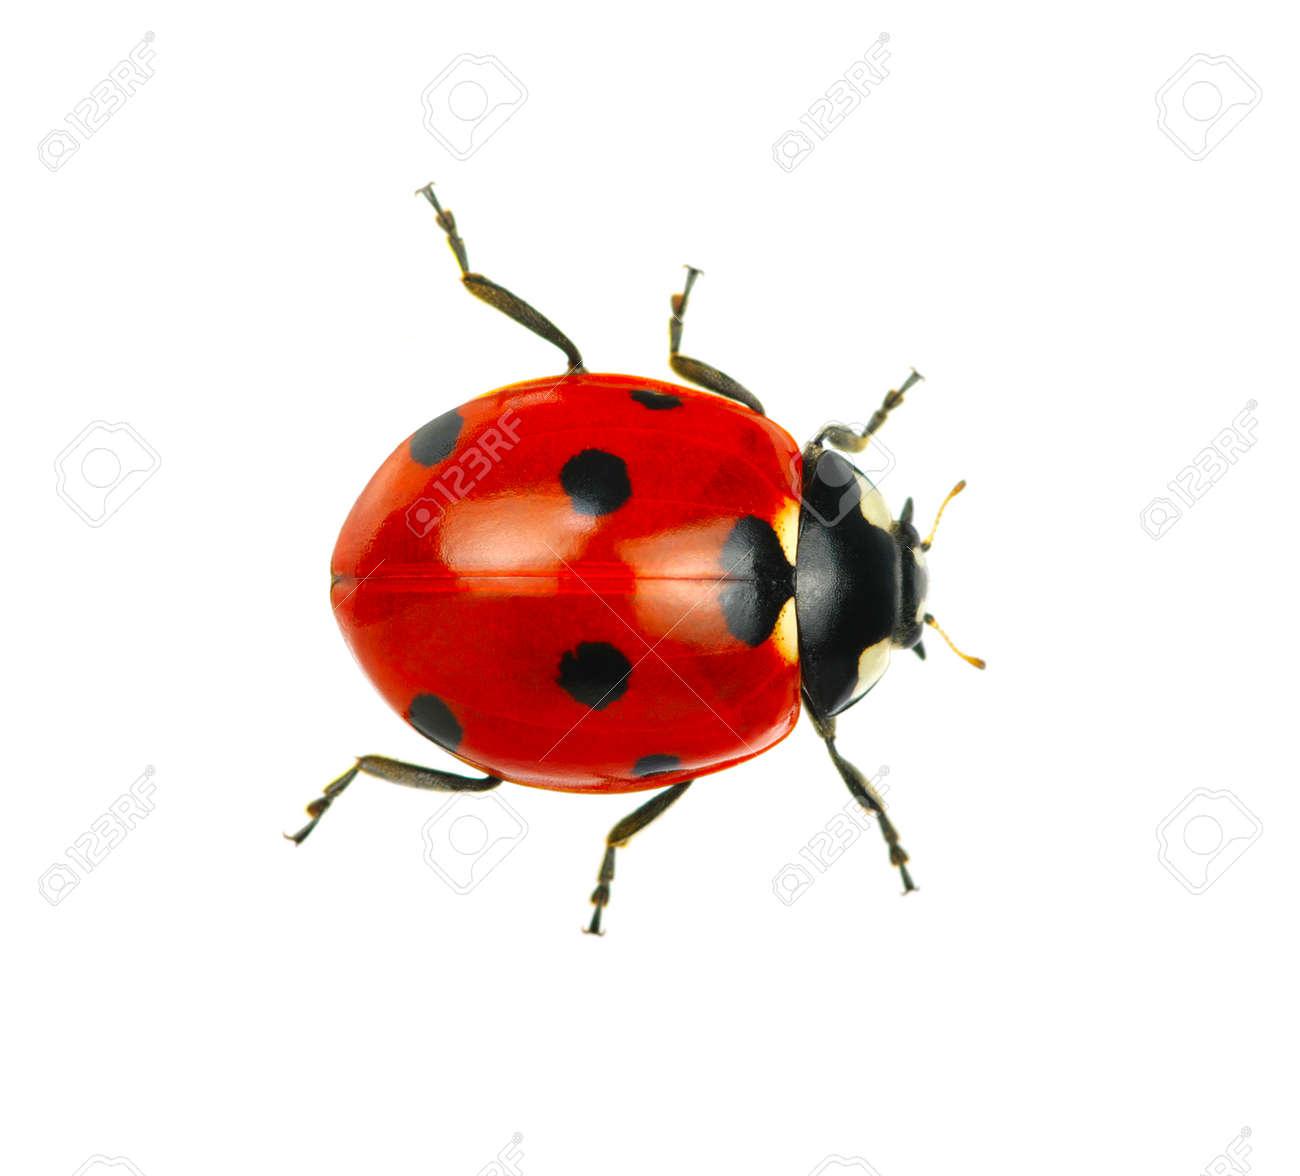 Ladybug isolated on white background - 25130597